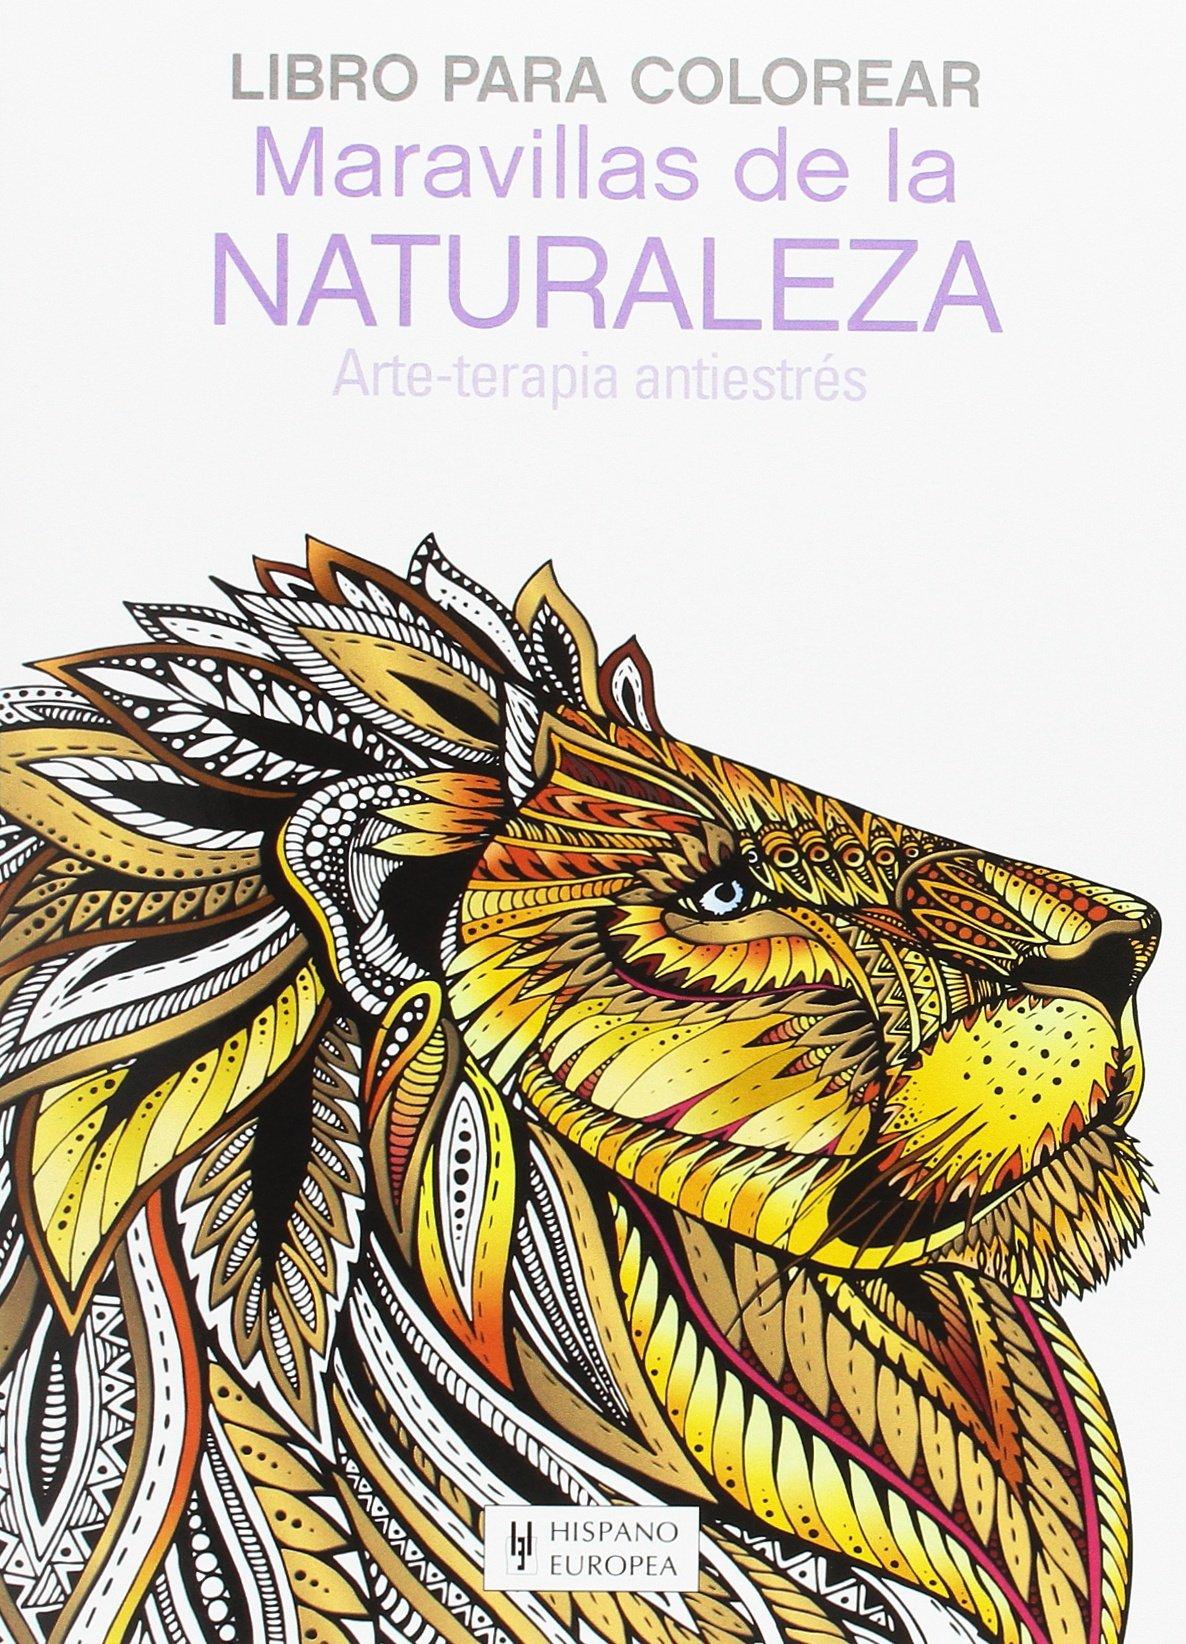 Maravillas de la Naturaleza (Libro para colorear): Amazon.es ...